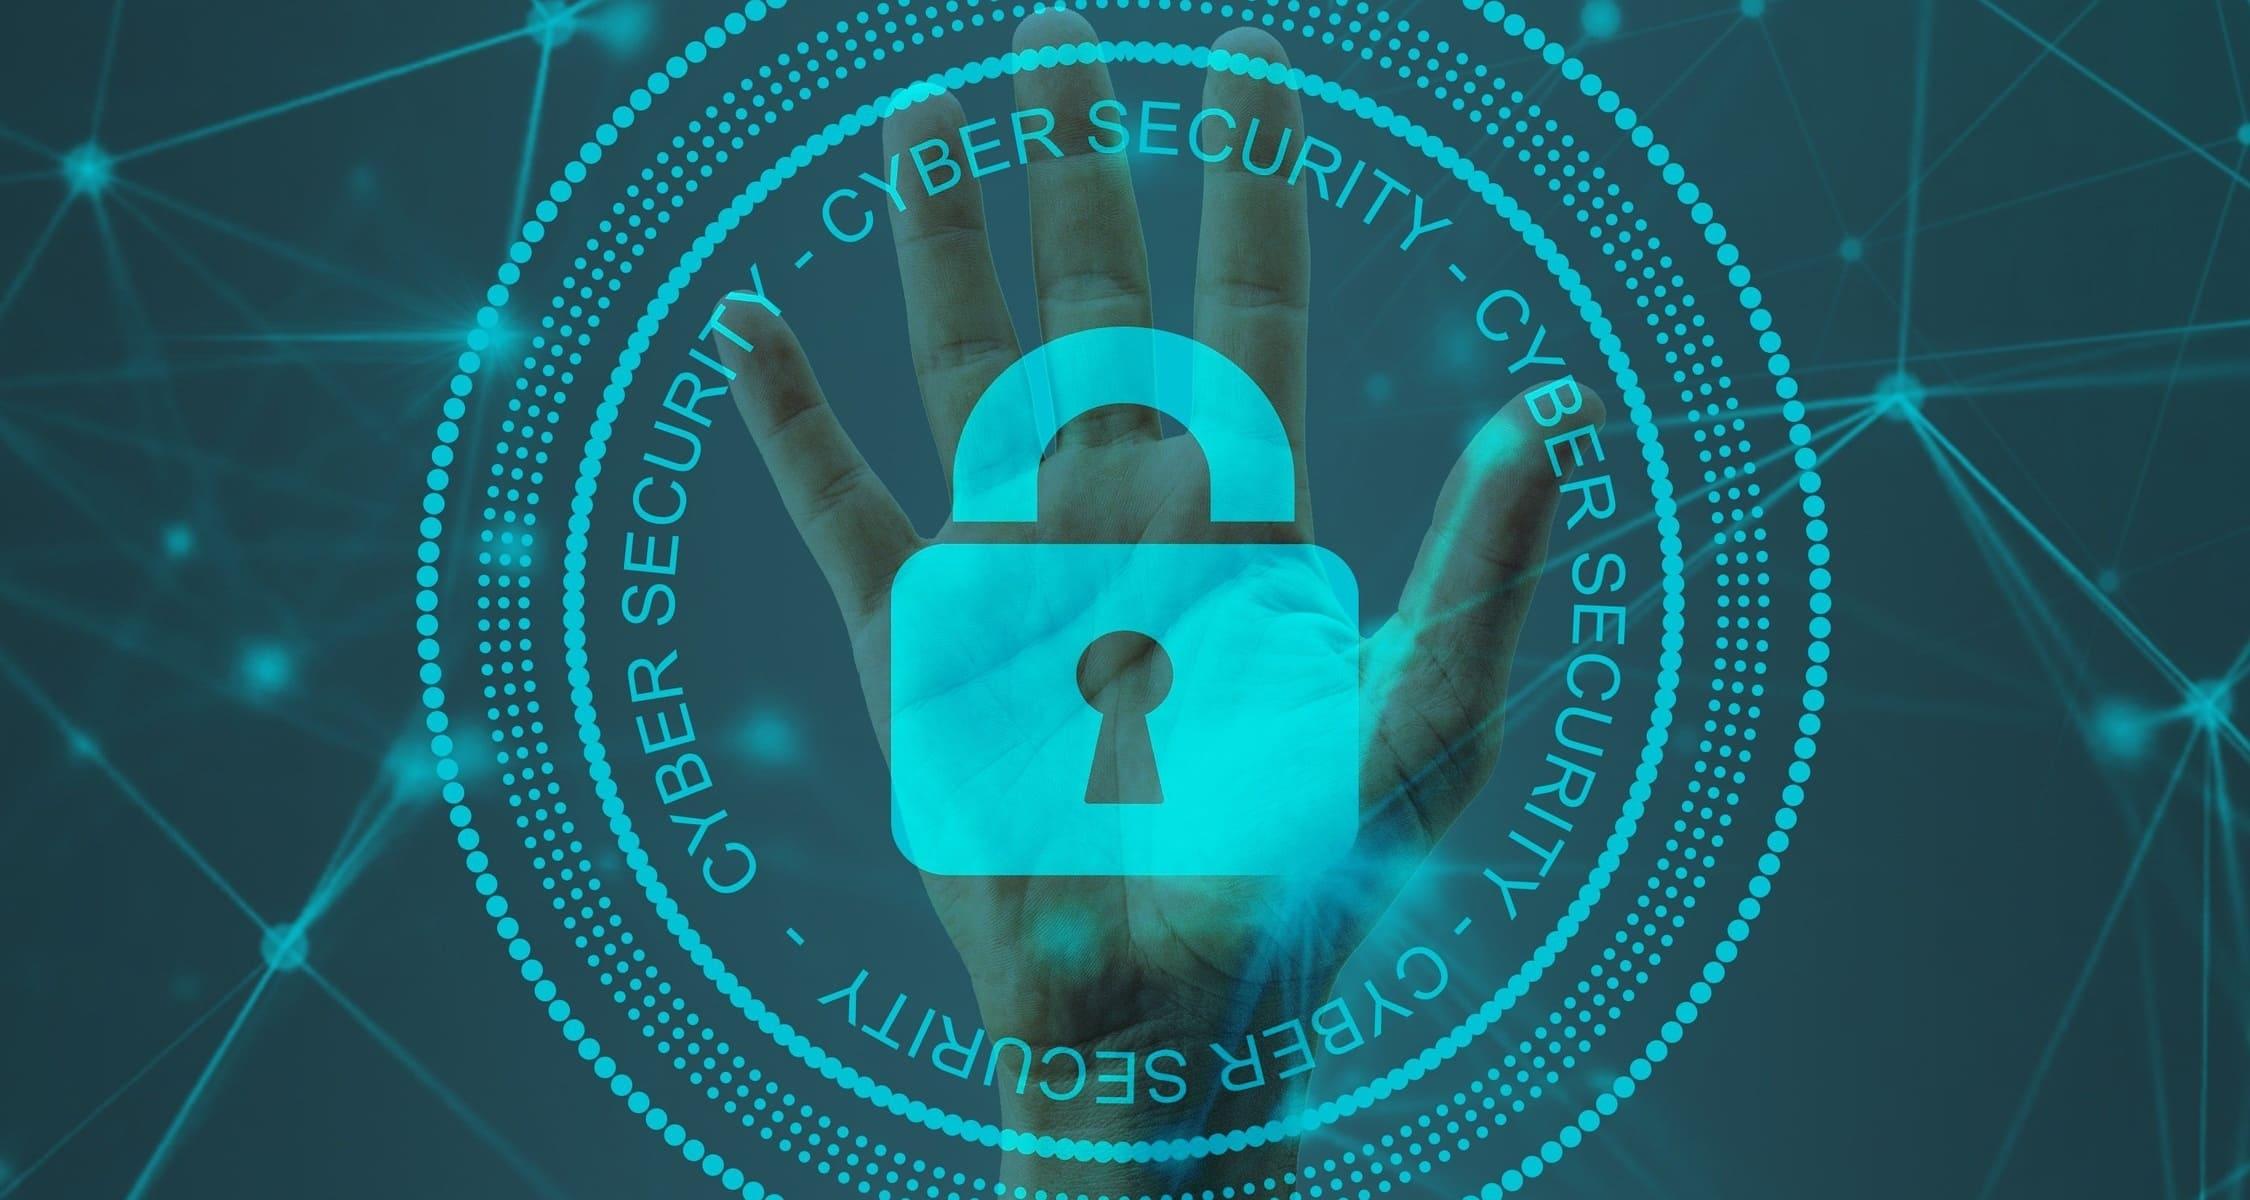 immagine con lucchetto con scritto cyber security